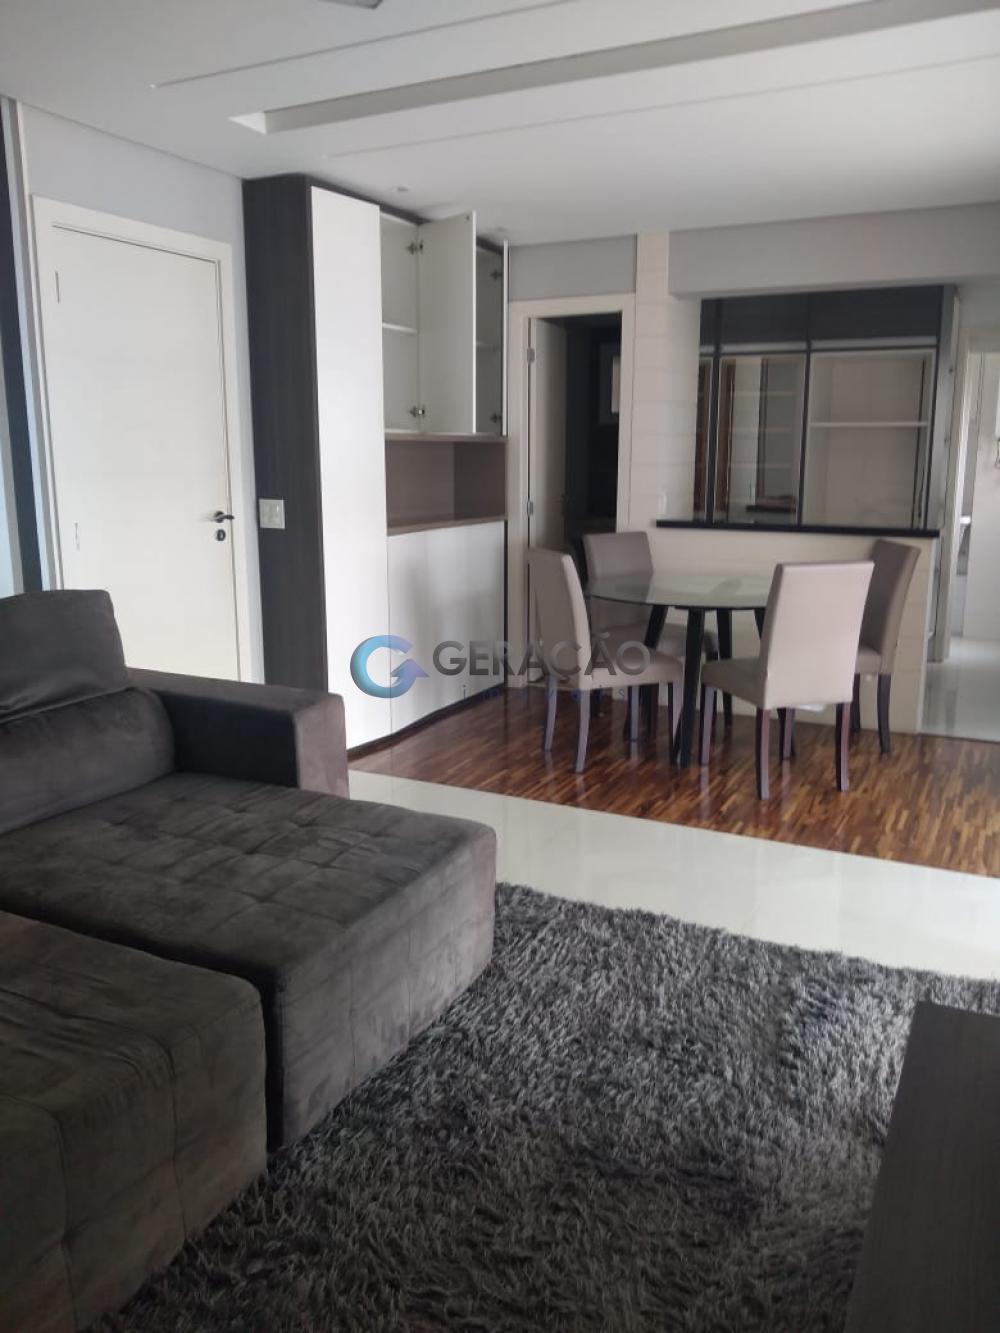 Sao Jose dos Campos Apartamento Venda R$620.000,00 Condominio R$480,00 2 Dormitorios 2 Suites Area construida 90.00m2